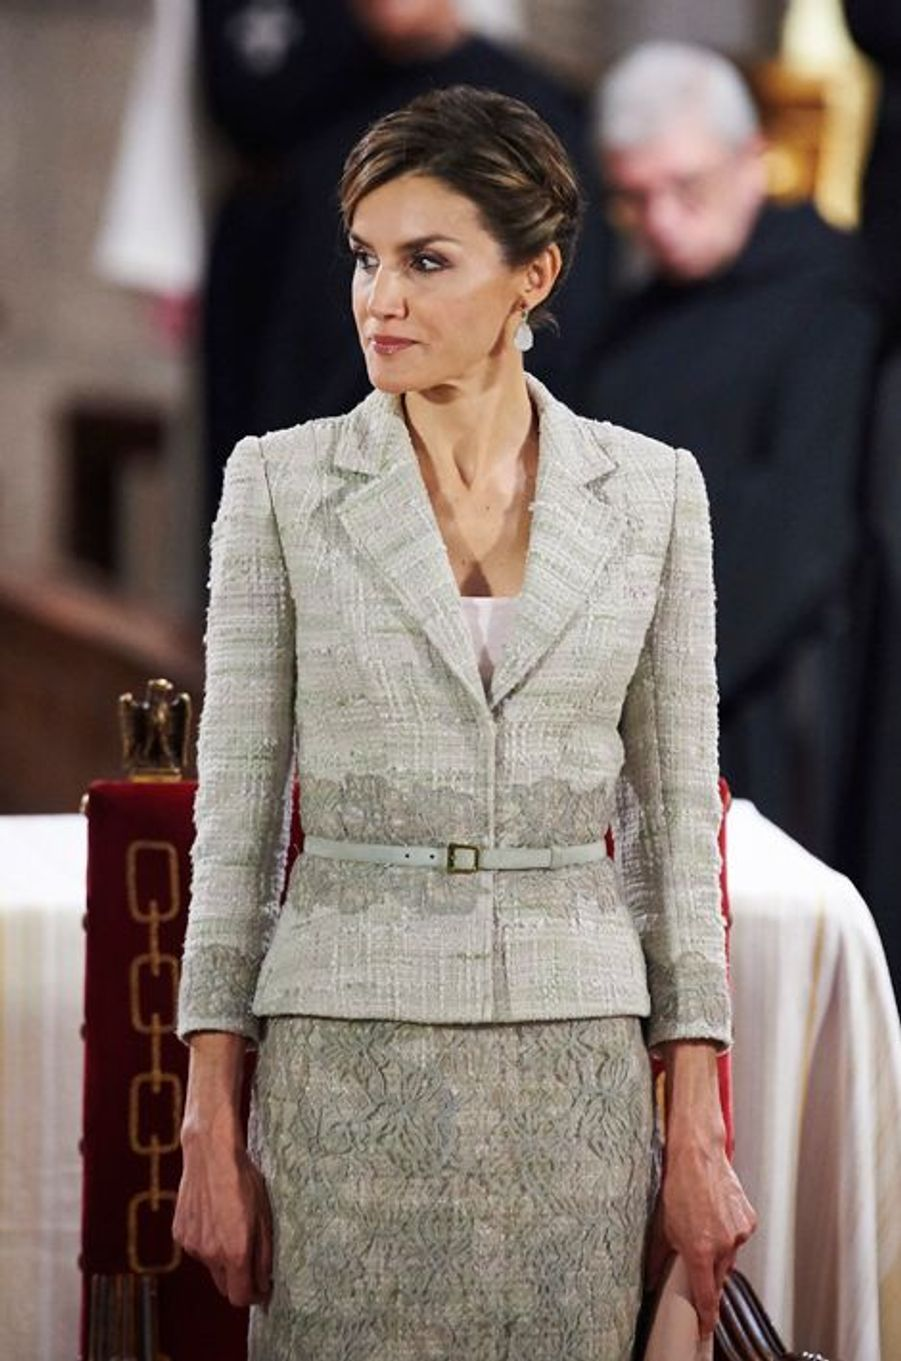 La reine Letizia d'Espagne au monastère San Salvador de Leyre, le 10 juin 2015